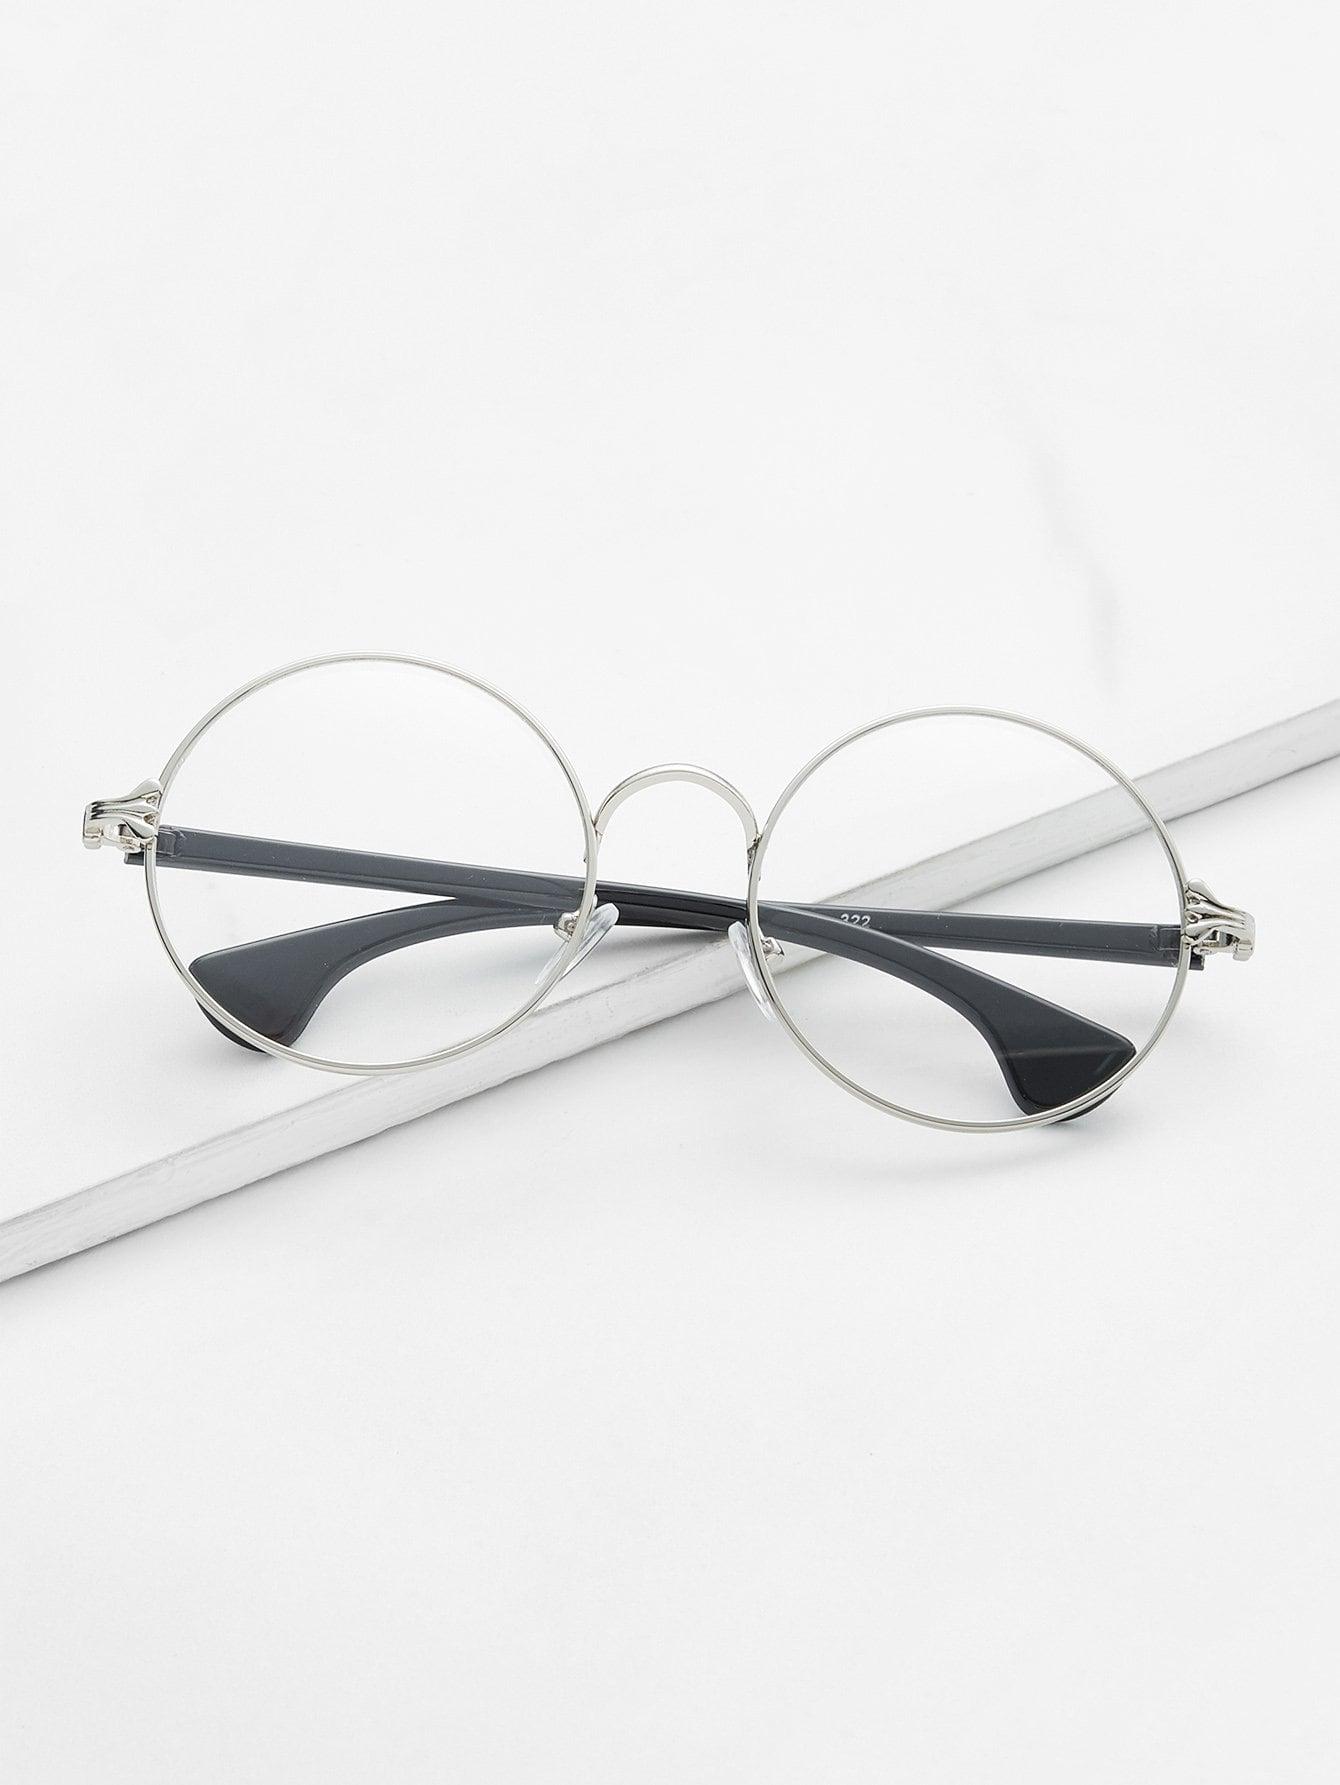 Silver Frame Black Arm Clear Lens Glasses black open frame gold trim glasses